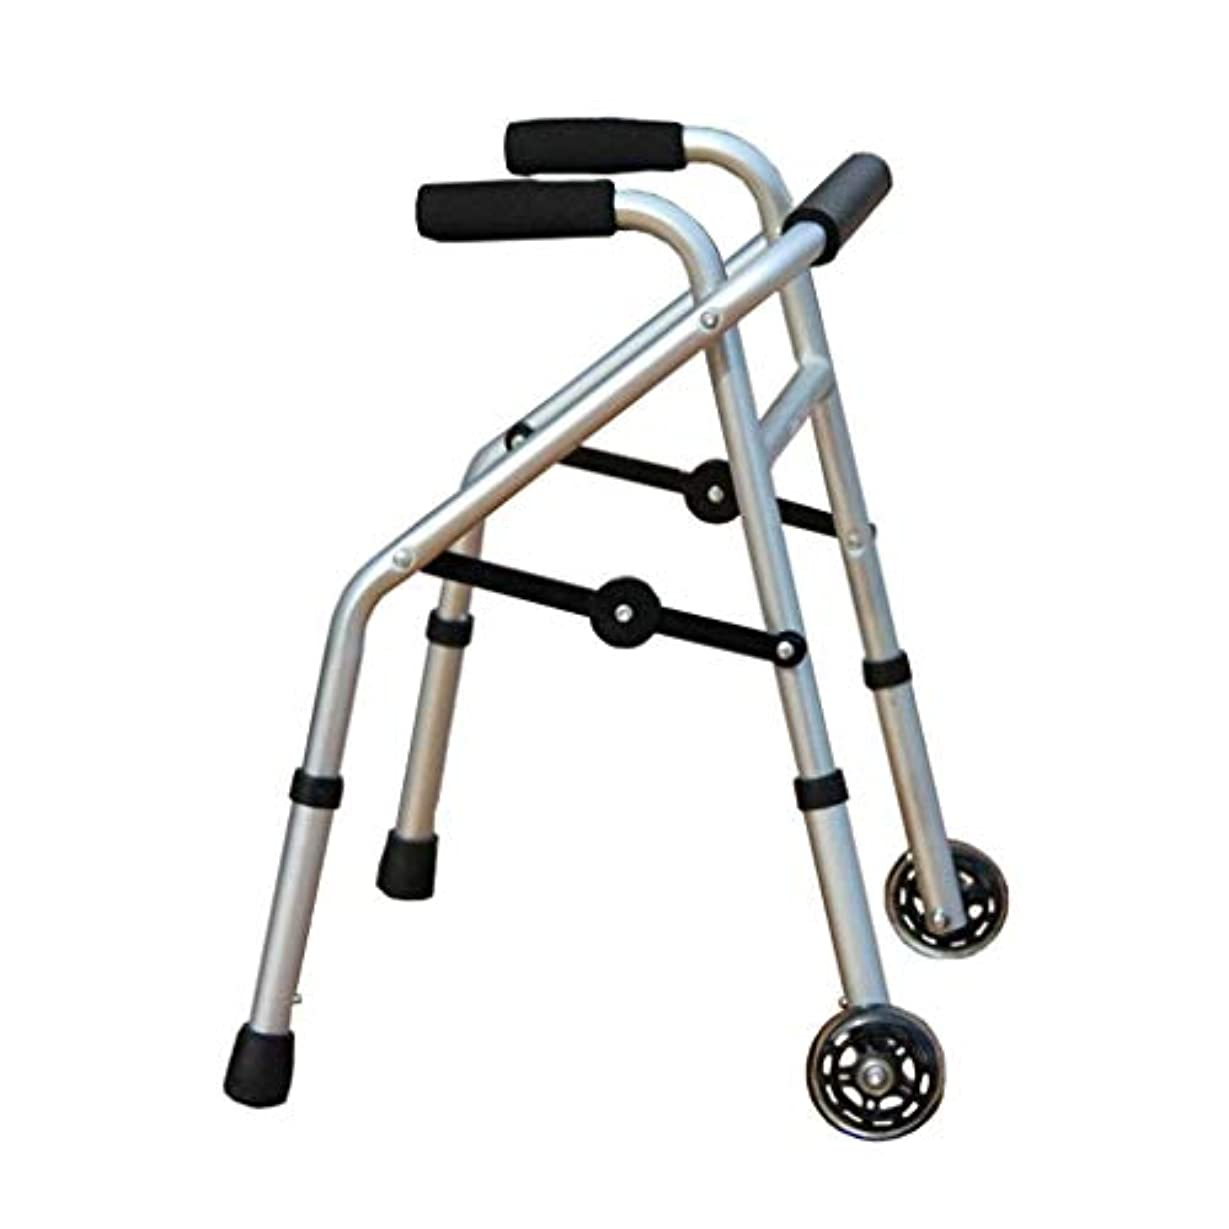 膨らみロマンチック礼儀子供用ウォーキングフレーム、軽量折りたたみ式歩行器、高さ調節可能子供用